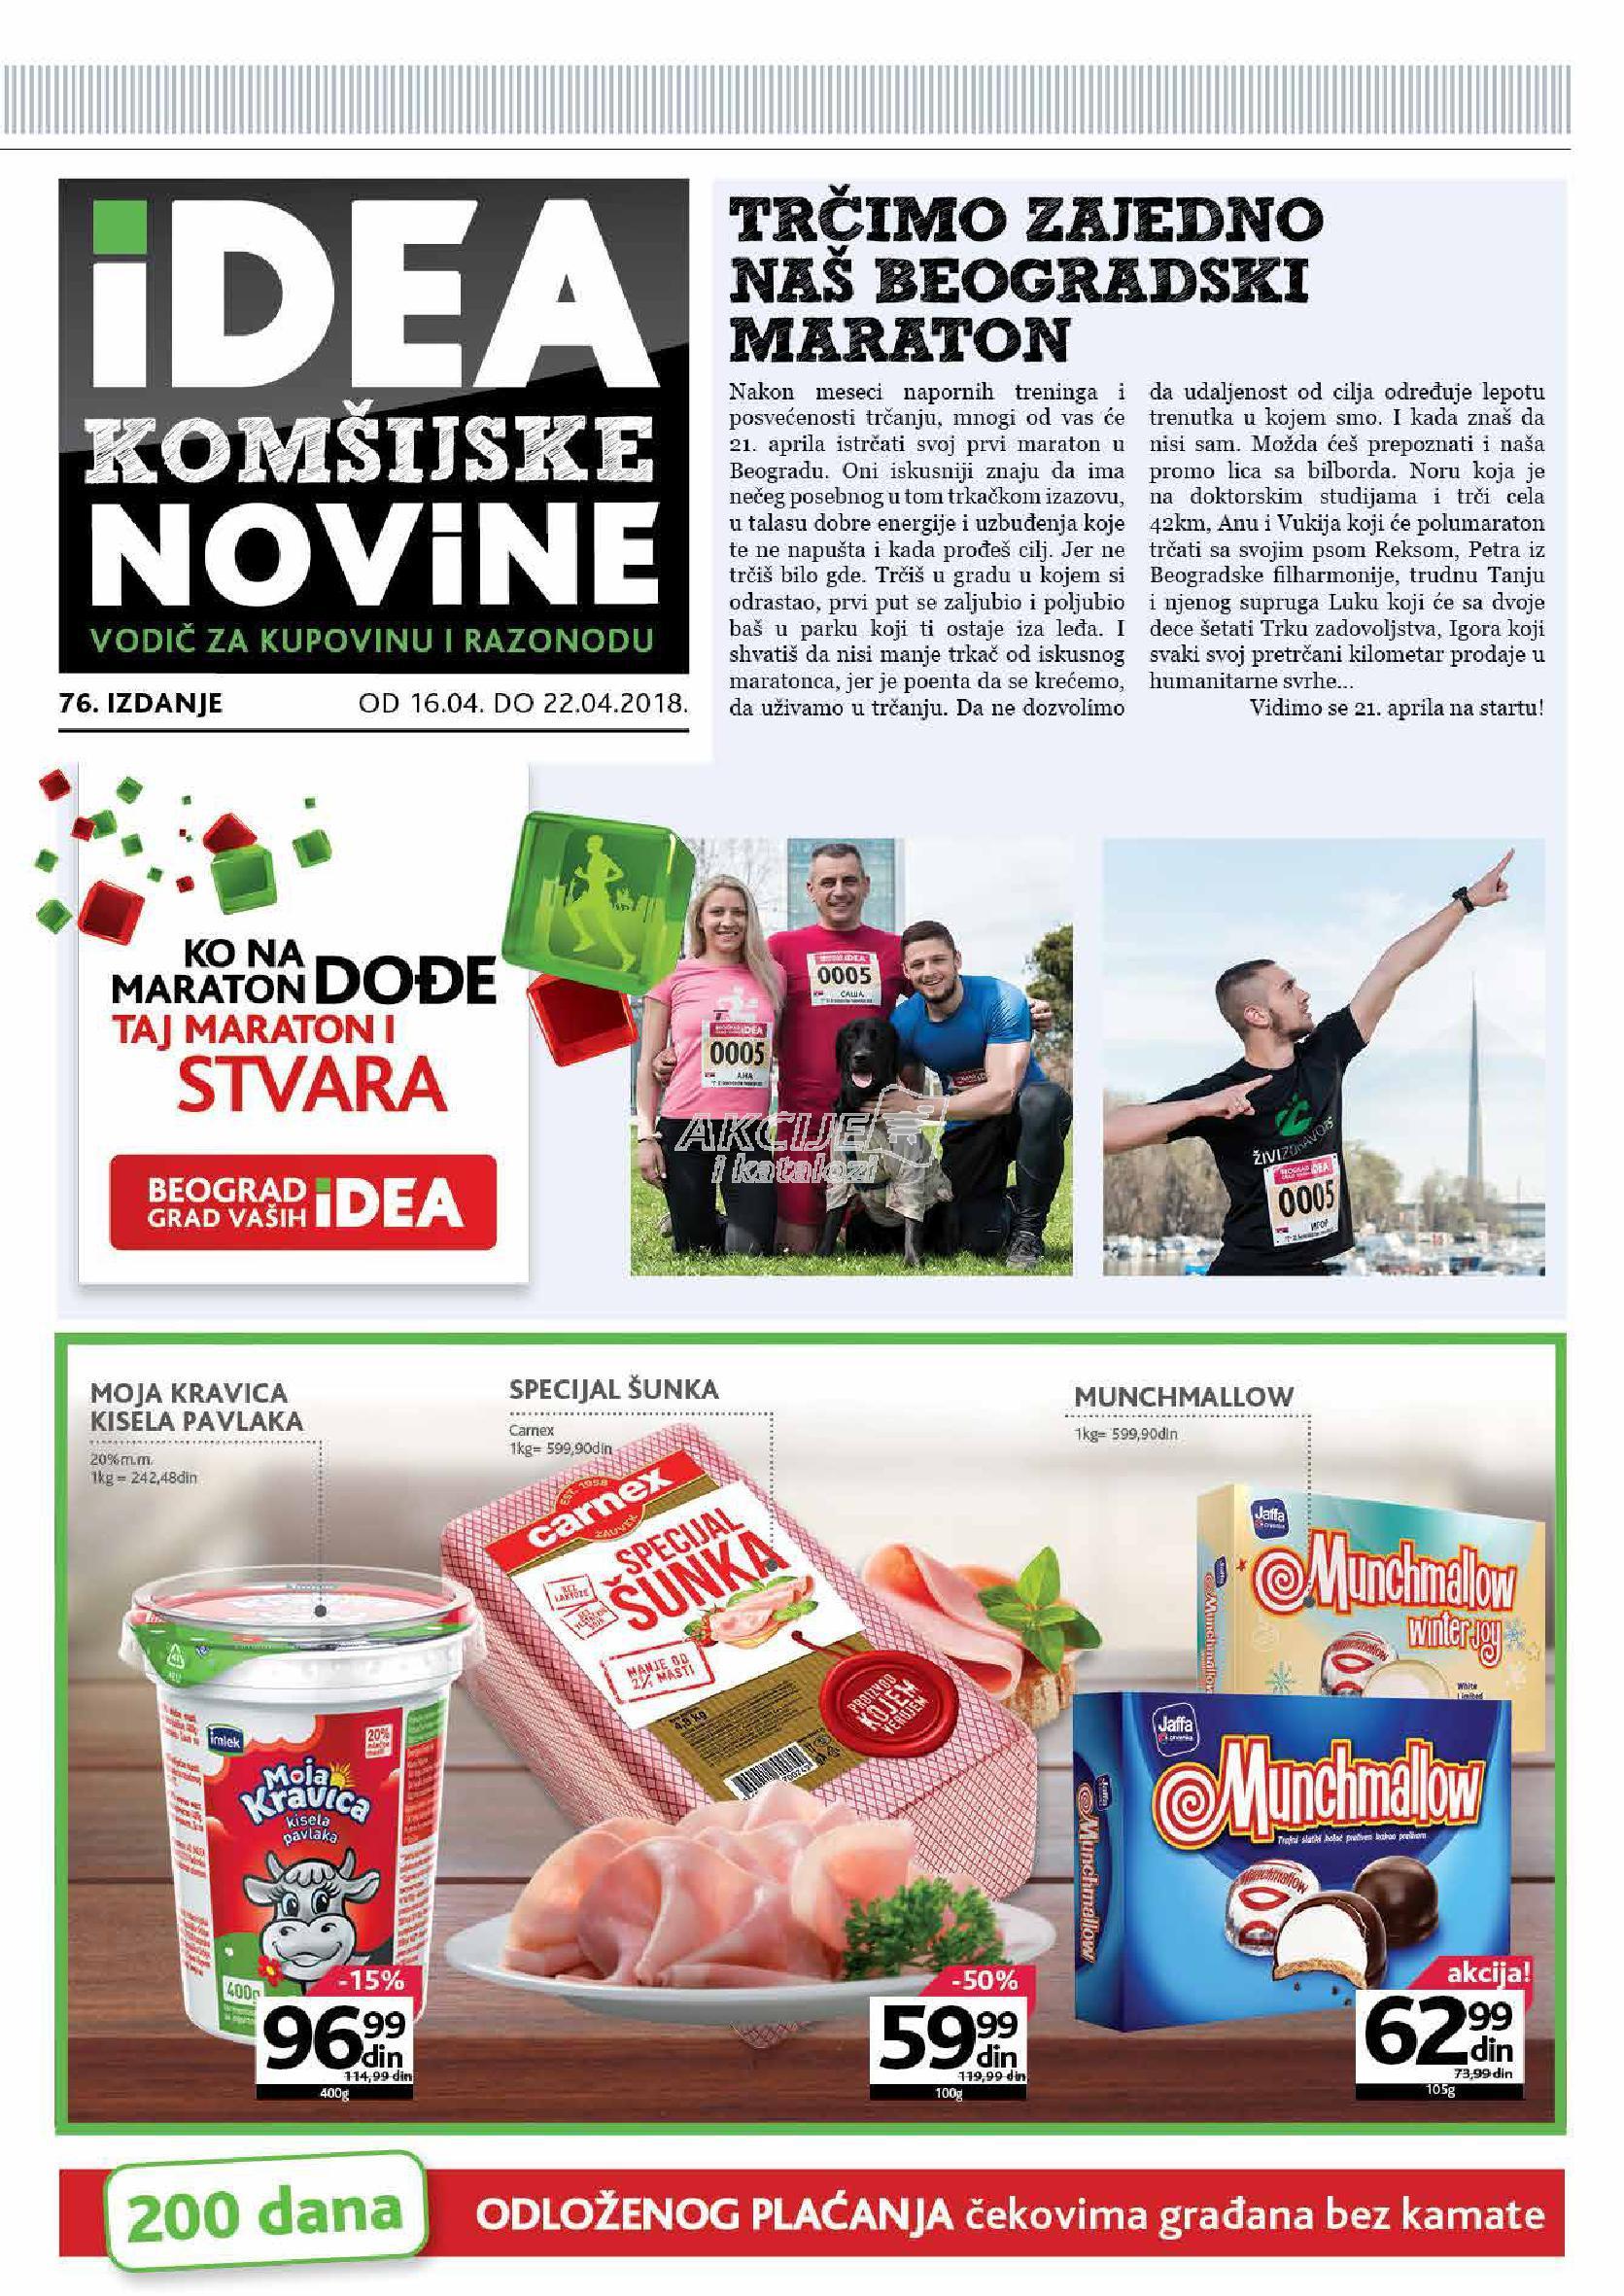 Idea akcija beogradske novine